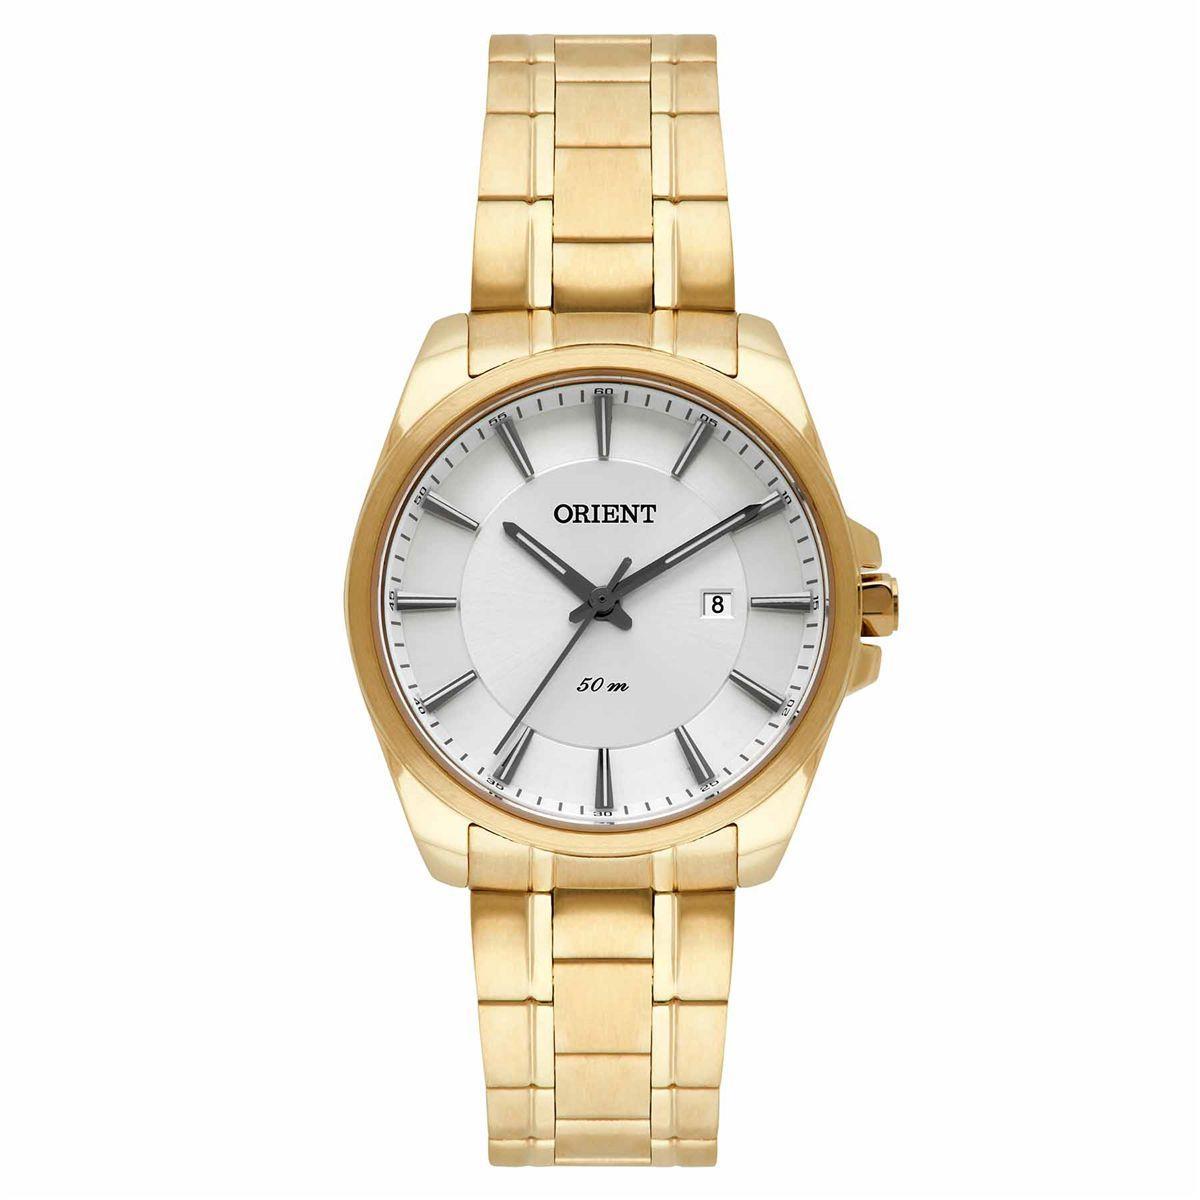 Relógio Orient Analógico Feminino FGSS1146 S1KX R  399,00 à vista.  Adicionar à sacola 04ac0fe748